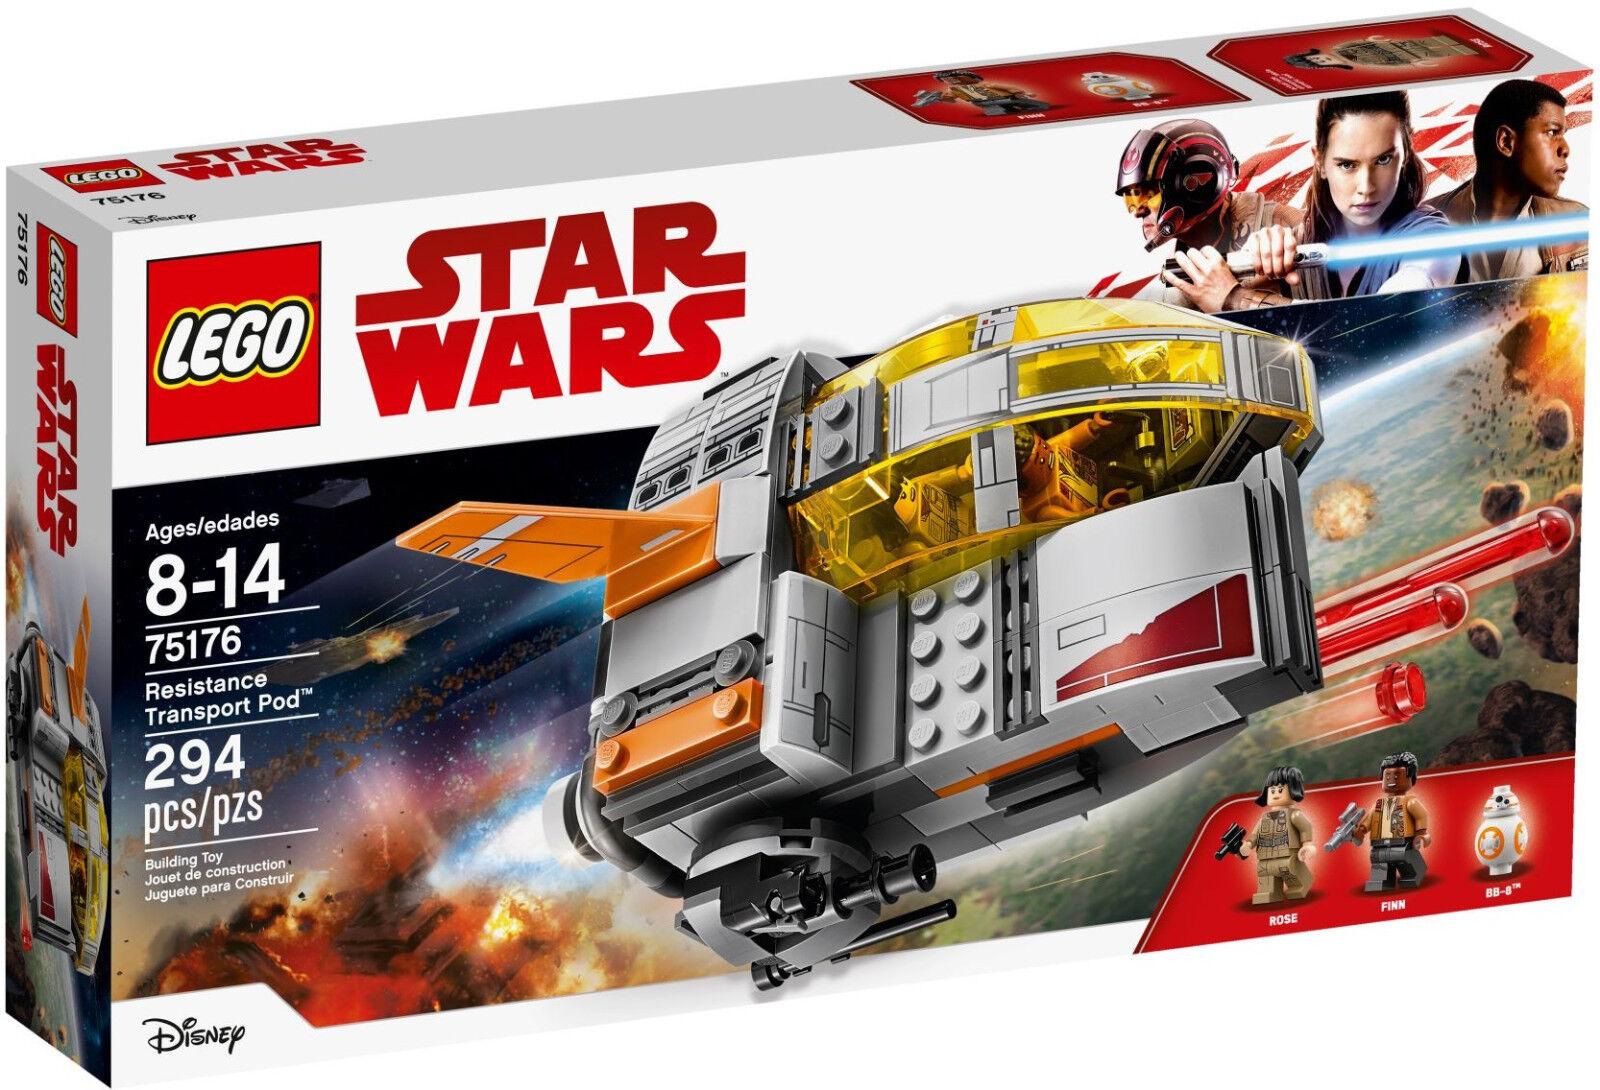 LEGO Star Wars Wars Wars - 75176 Resistance Transport Pod mit Finn - Neu & OVP bff17a